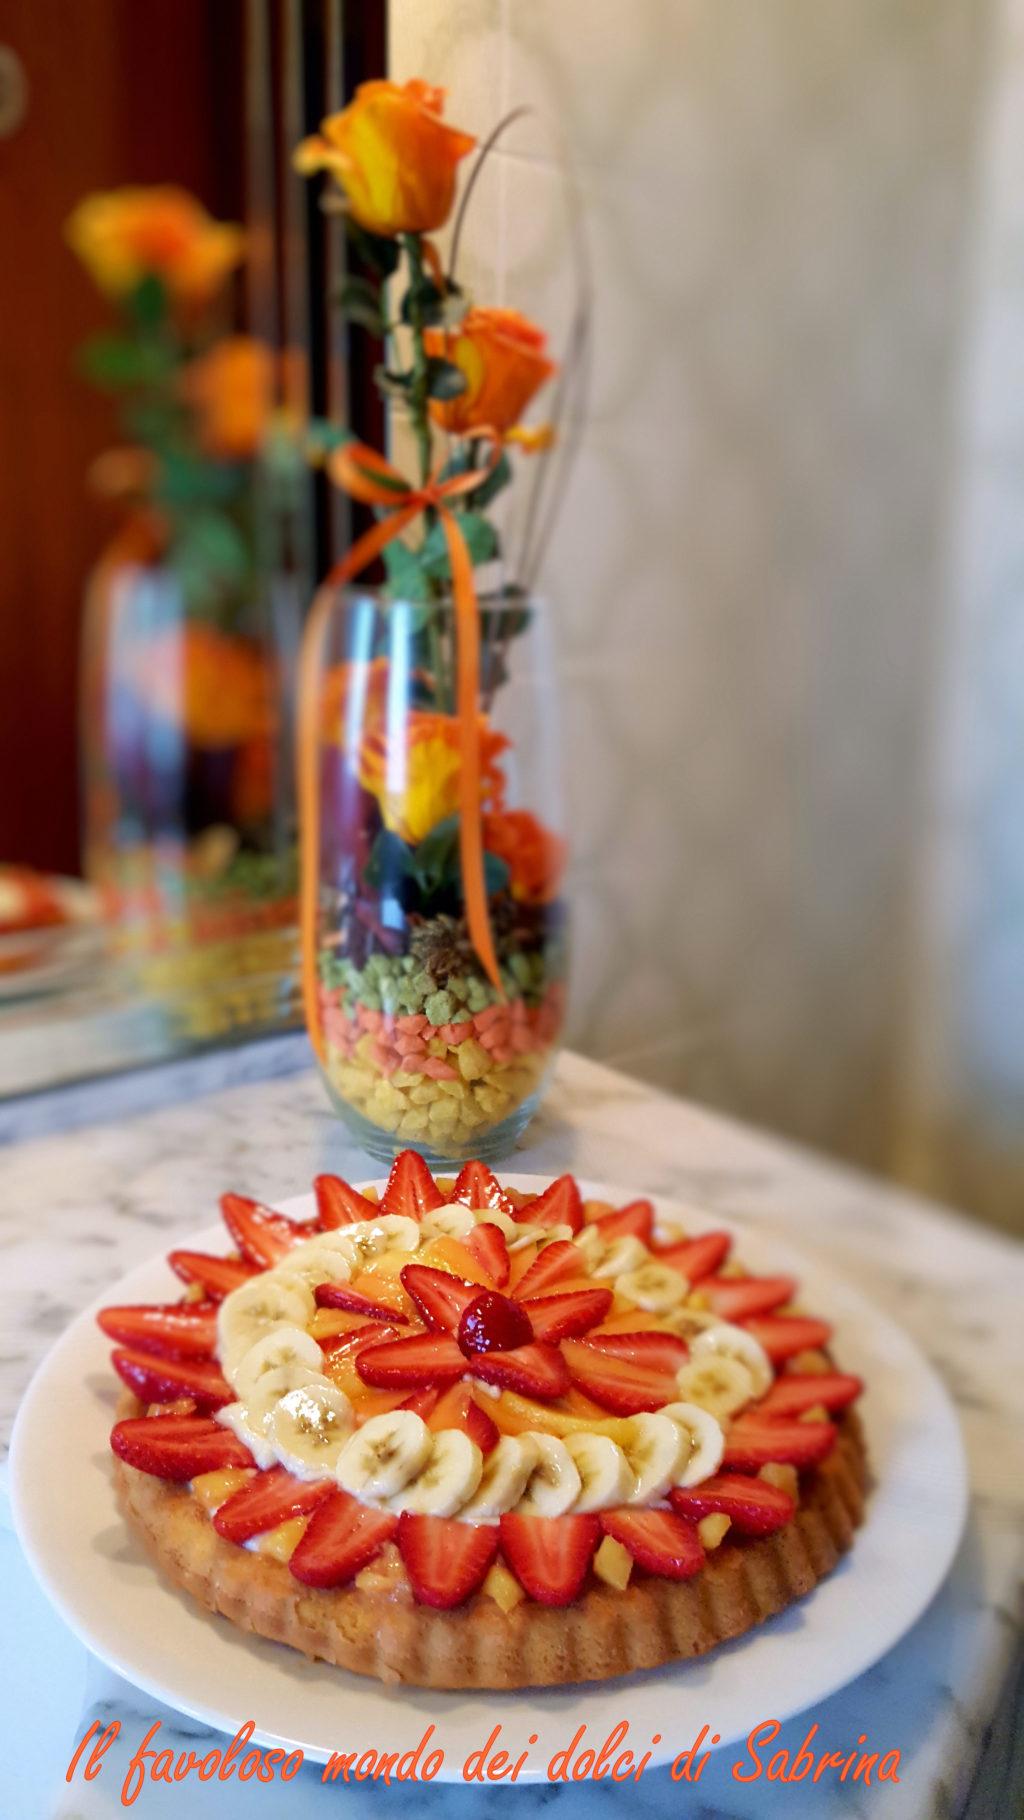 Torta californiana alla frutta con crema pasticcera allo yogurt